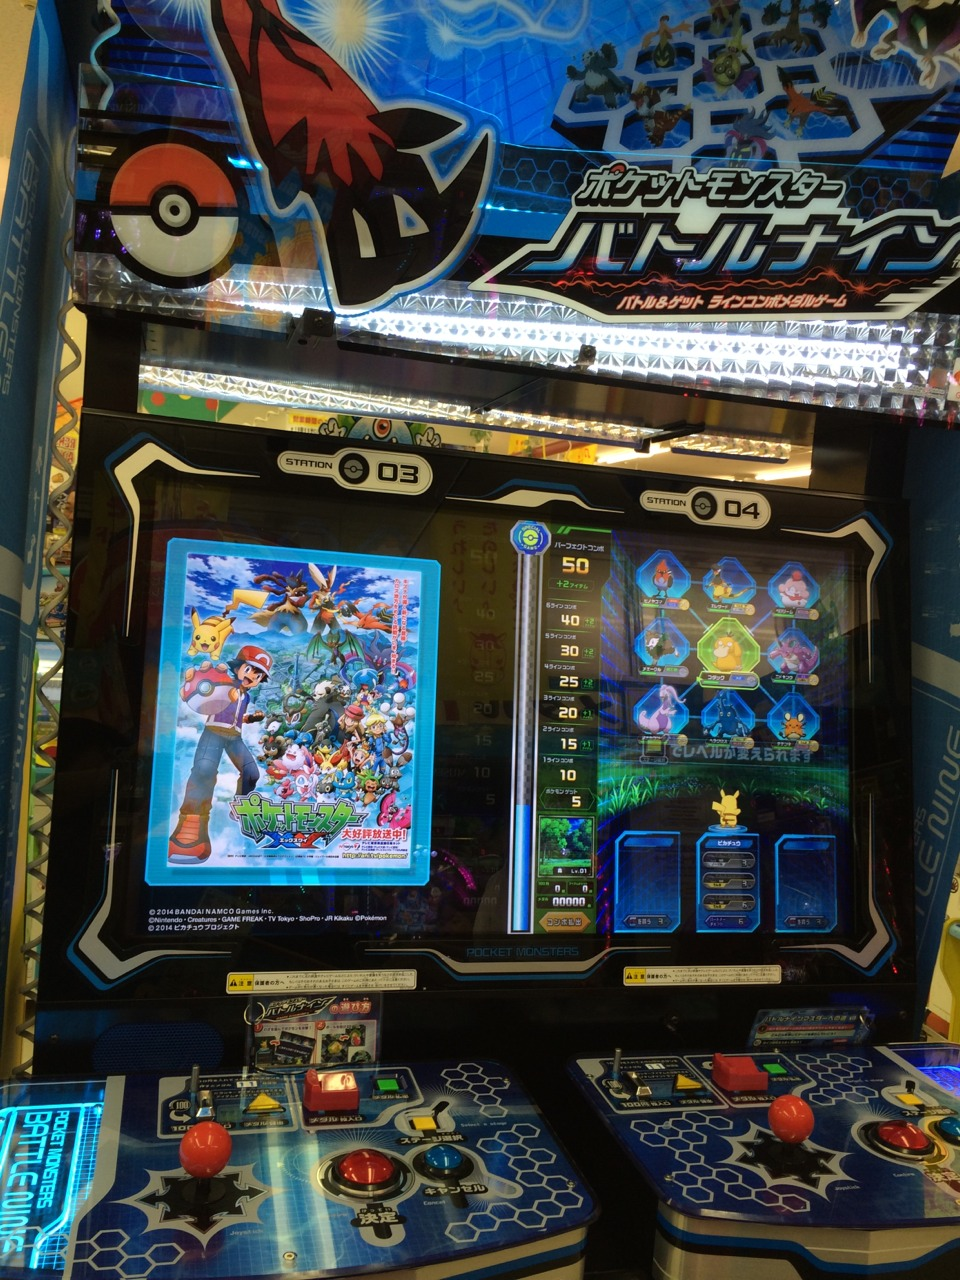 新メダルゲーム「ポケモンバトルナイン」 | 大見商事 - 鹿児島県・宮崎県